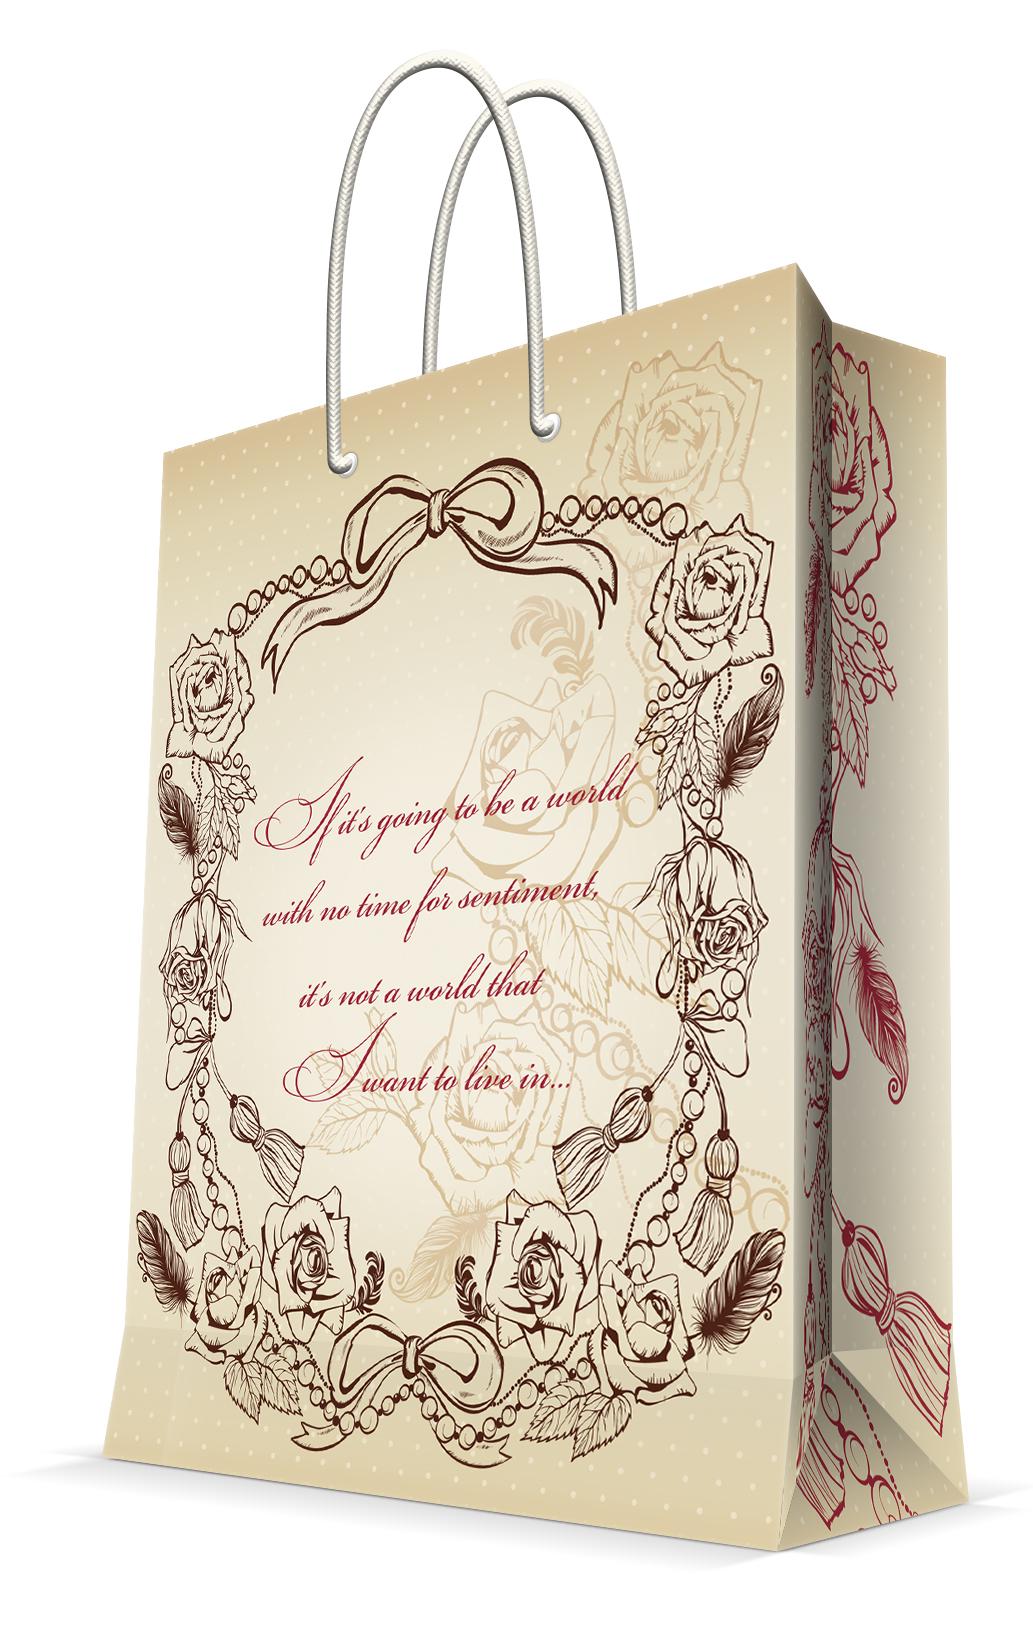 Пакет подарочный Magic Home Виньетка, 17,8 х 22,9 х 9,8 см44173Подарочный пакет Magic Home, изготовленный из плотной бумаги, станет незаменимым дополнением к выбранному подарку. Дно изделия укреплено картоном, который позволяет сохранить форму пакета и исключает возможность деформации дна под тяжестью подарка. Пакет выполнен с глянцевой ламинацией, что придает ему прочность, а изображению - яркость и насыщенность цветов. Для удобной переноски имеются две ручки в виде шнурков. Подарок, преподнесенный в оригинальной упаковке, всегда будет самым эффектным и запоминающимся. Окружите близких людей вниманием и заботой, вручив презент в нарядном, праздничном оформлении. Плотность бумаги: 140 г/м2.